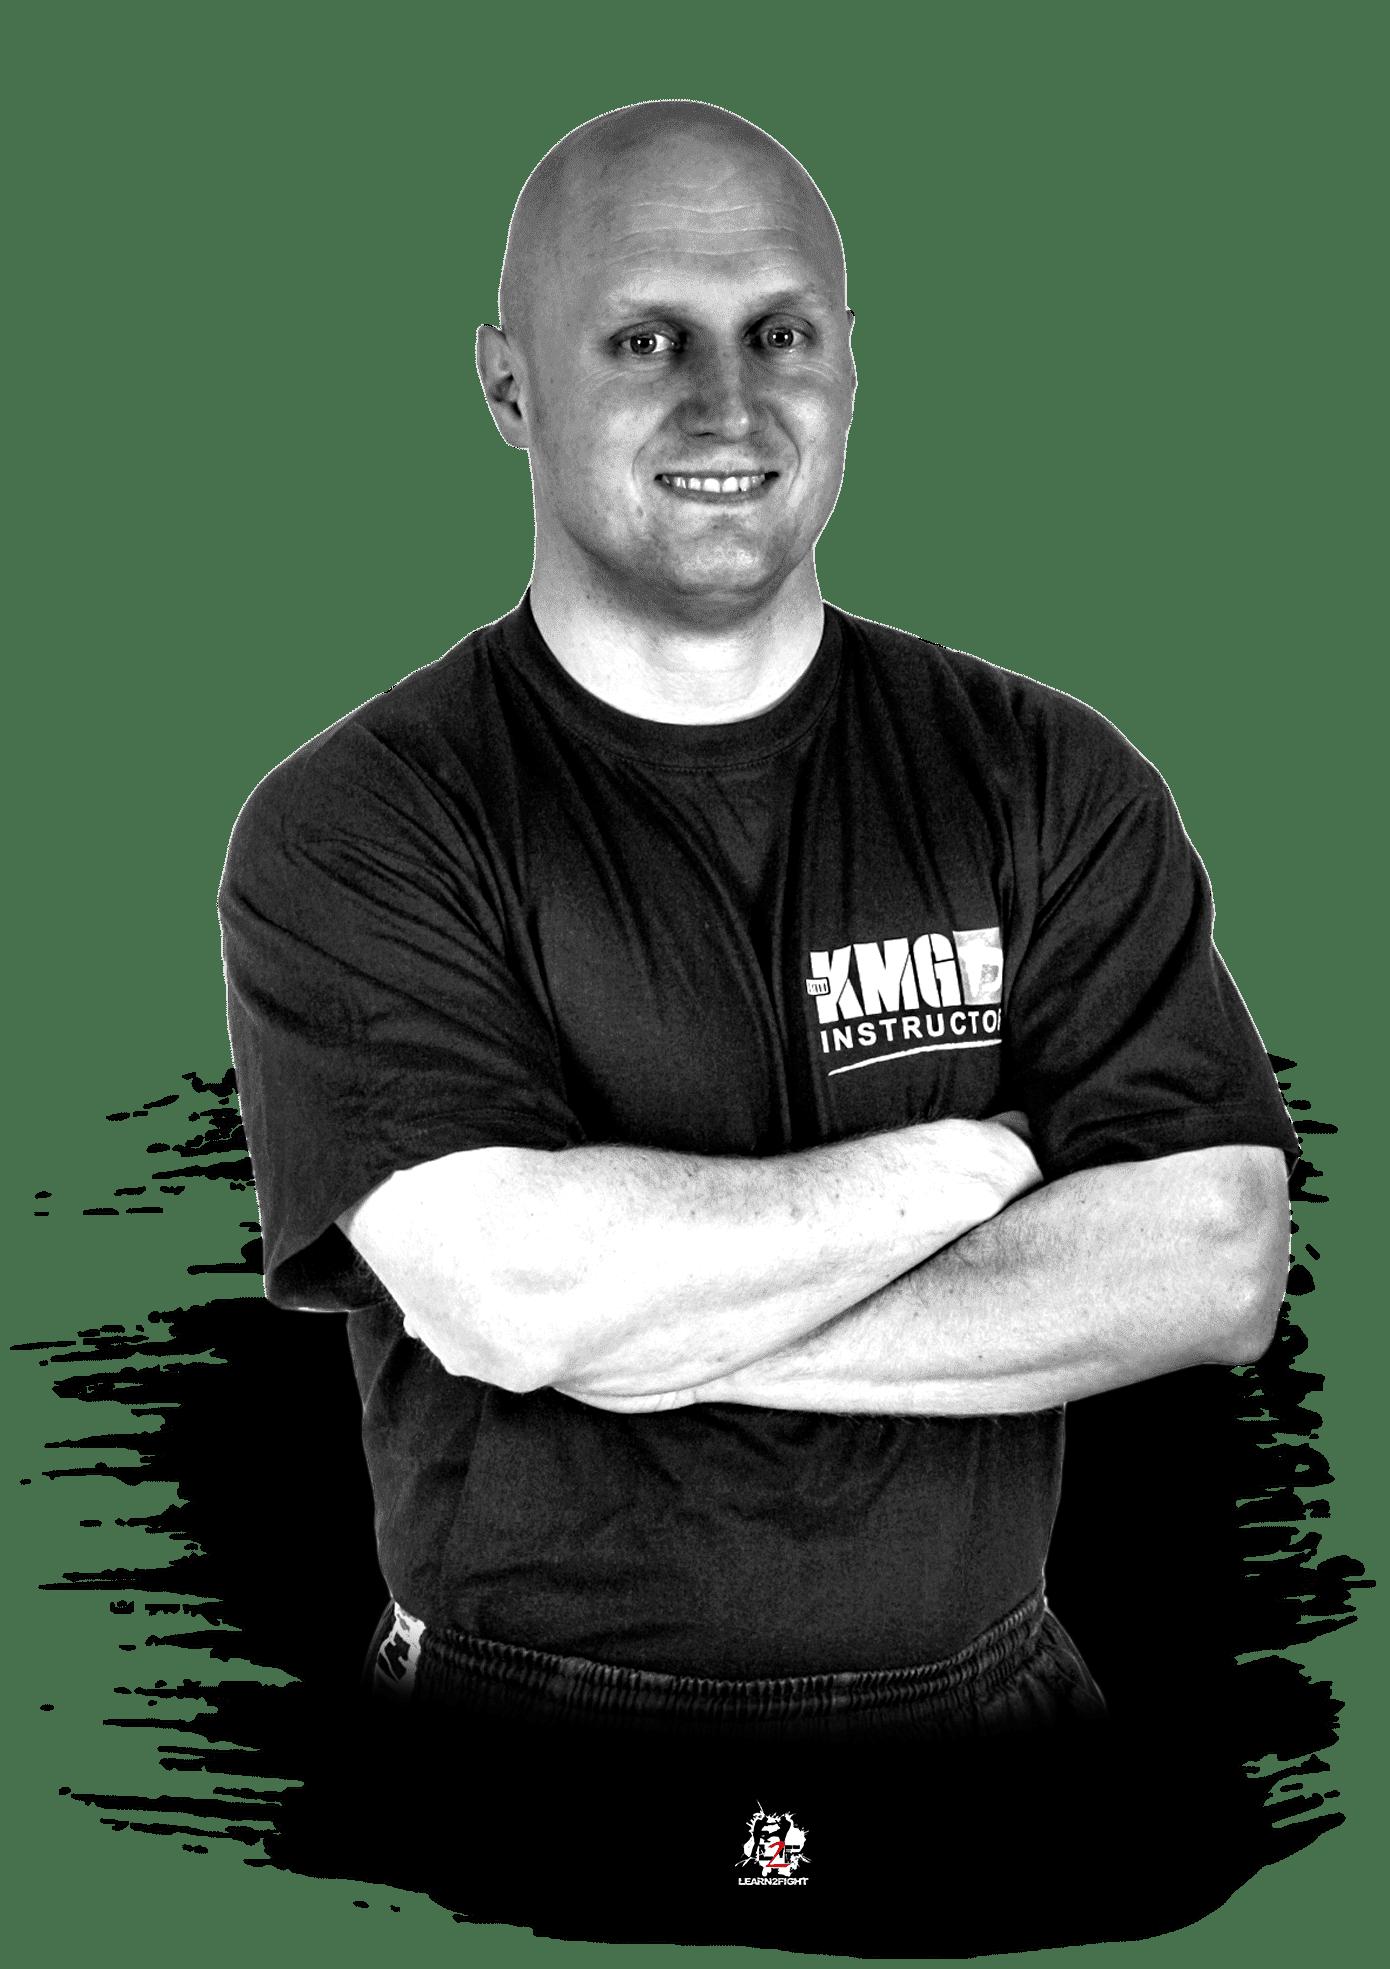 Dirk Zinn